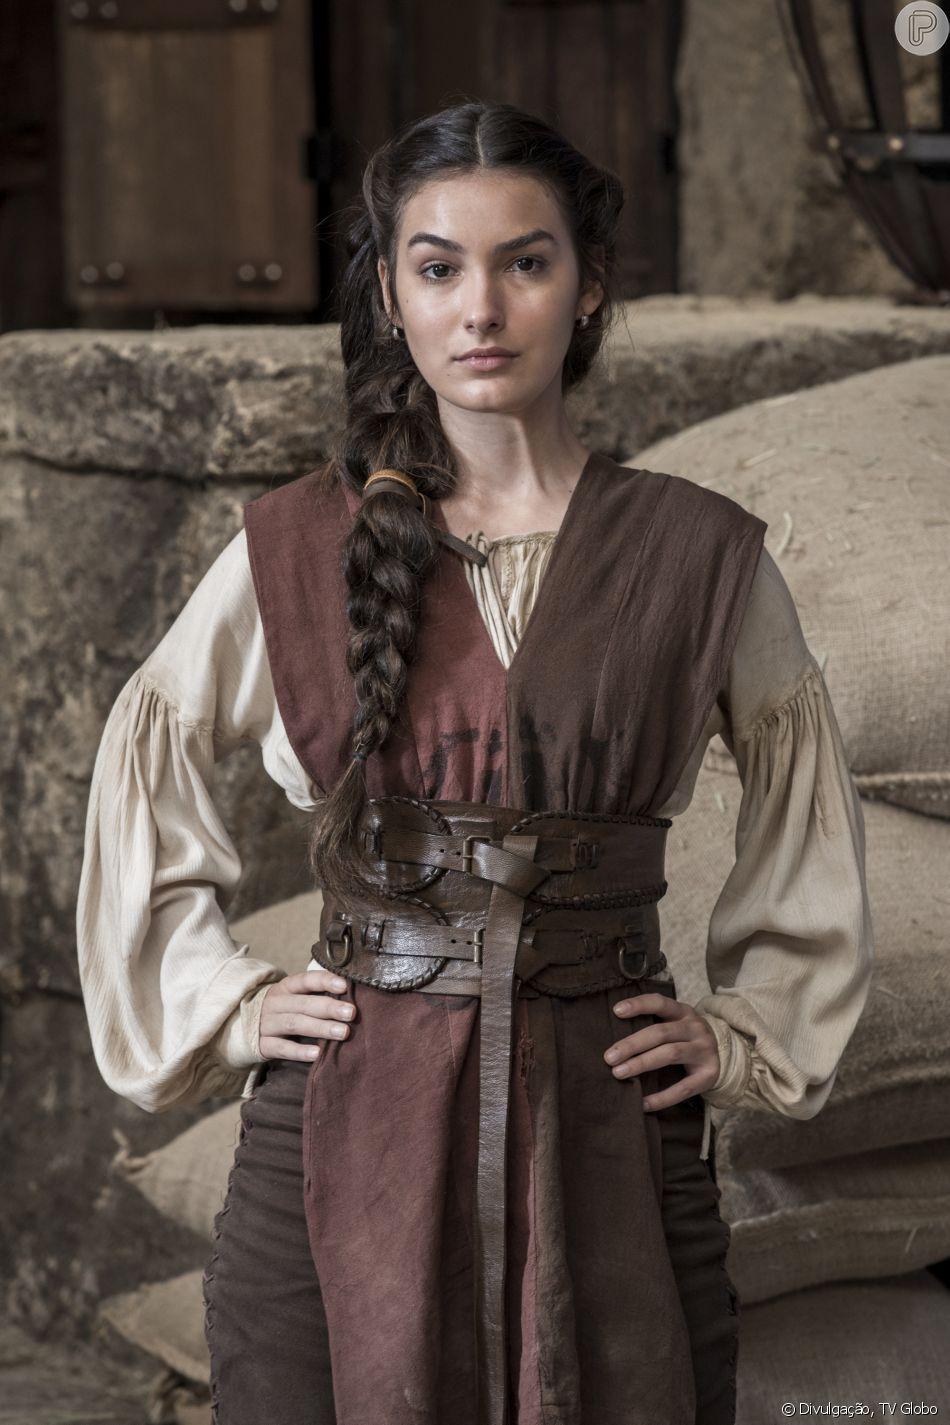 Na novela 'Deus Salve o Rei', Selena (Marina Moschen) é coroada rainha após morte de Otávio (Alexandre Borges)